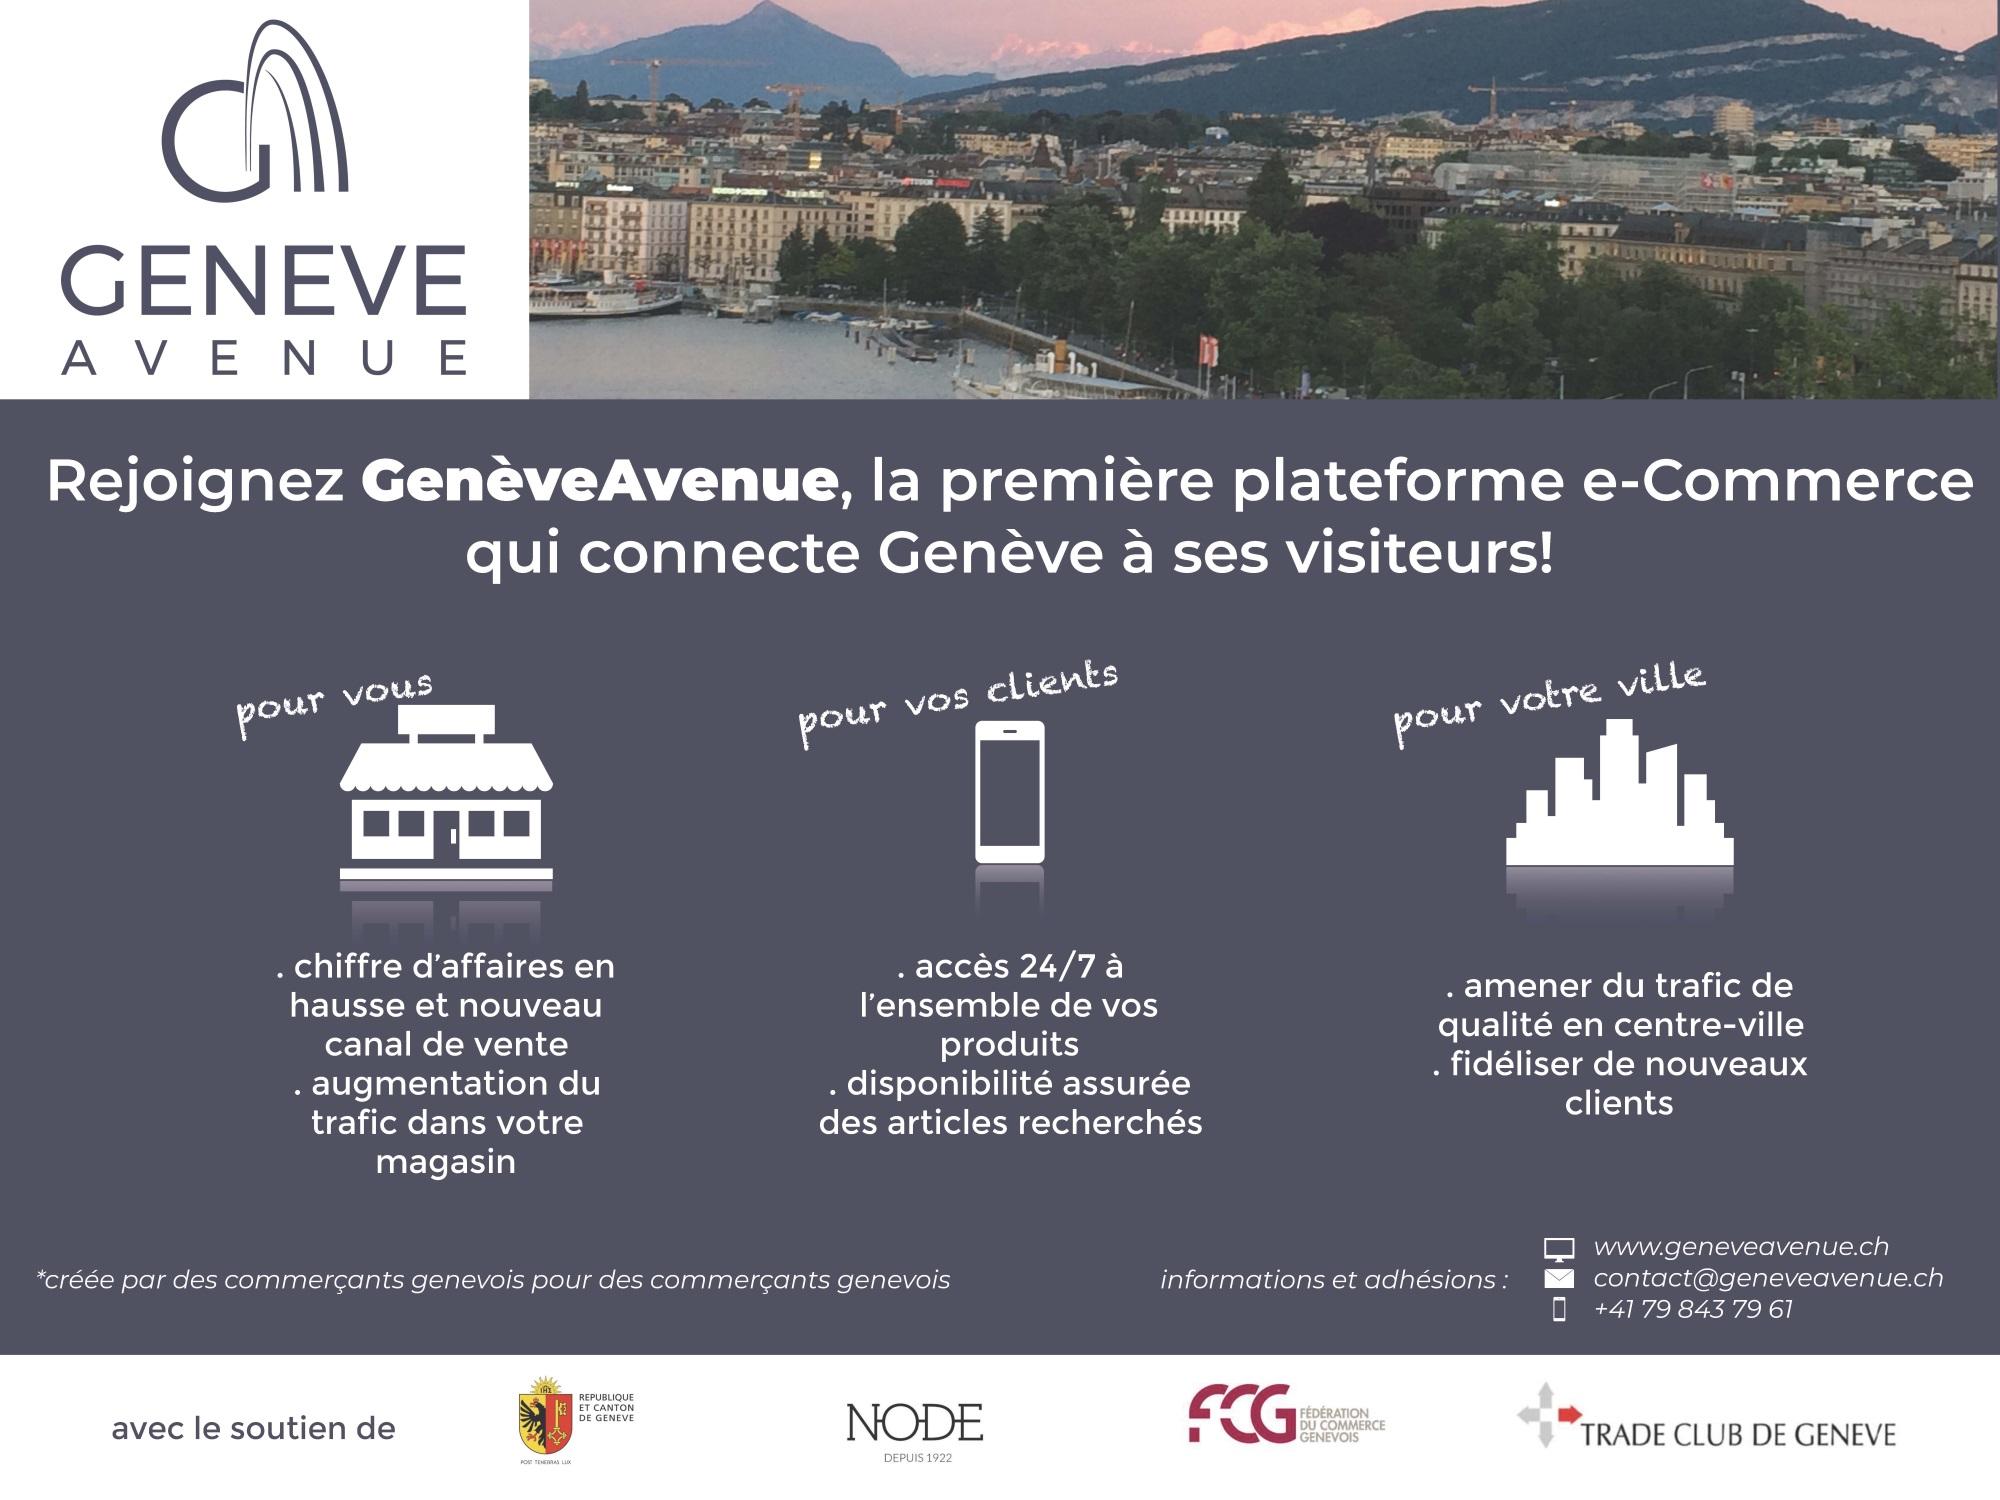 GeneveAvenue_flyer.jpg